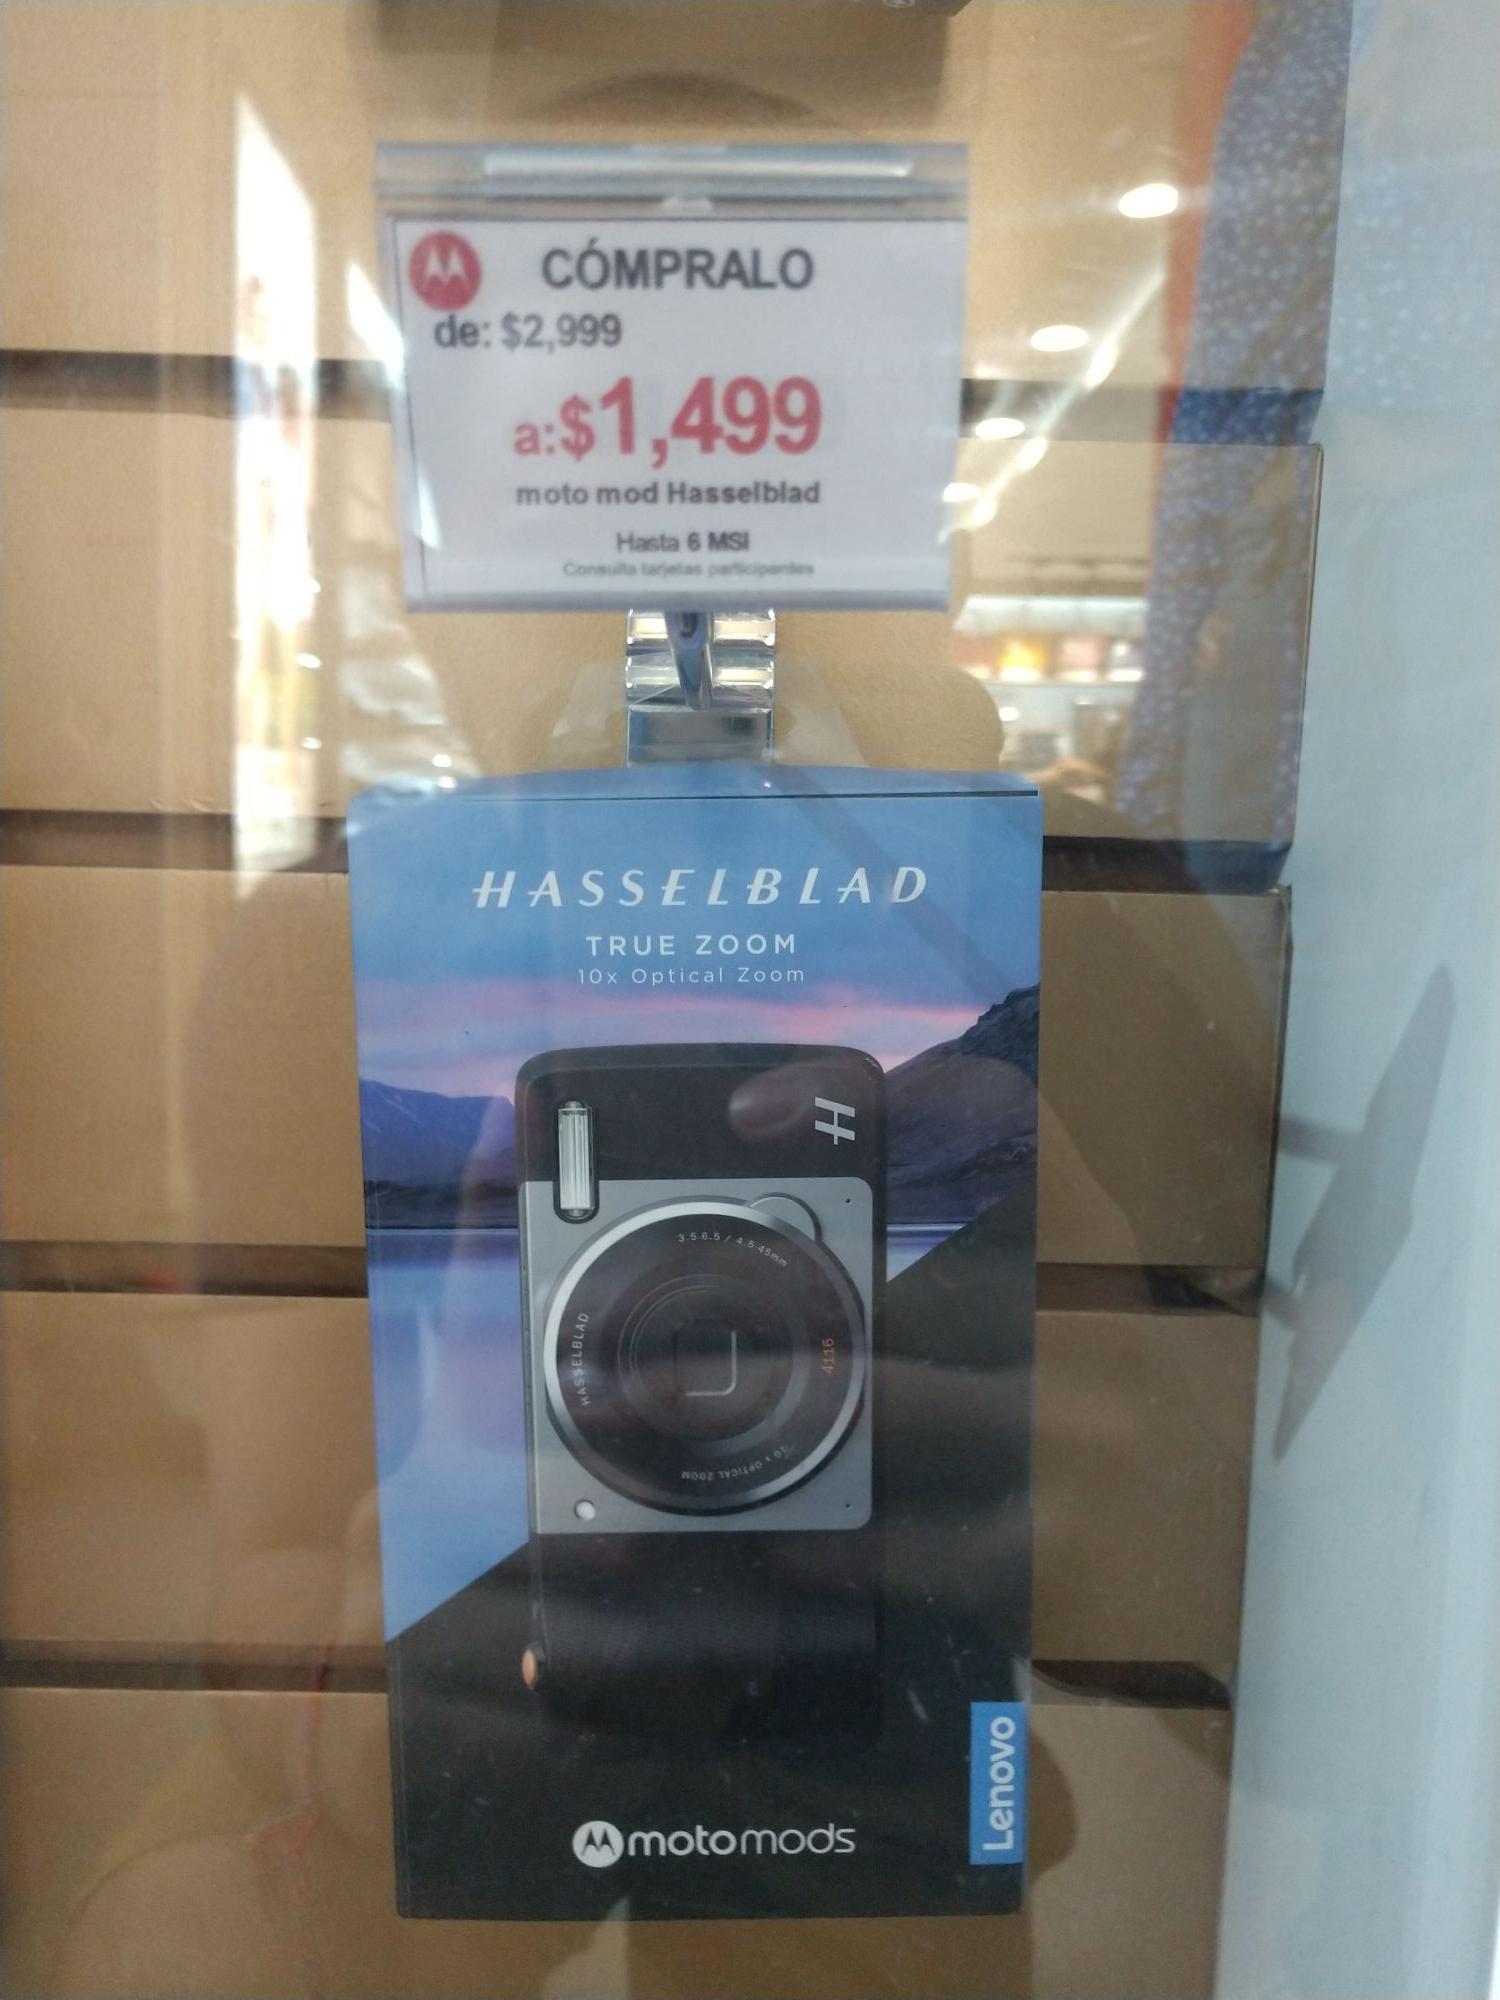 Kiosko de Motorola: Moto mod Hasselblad en $1499